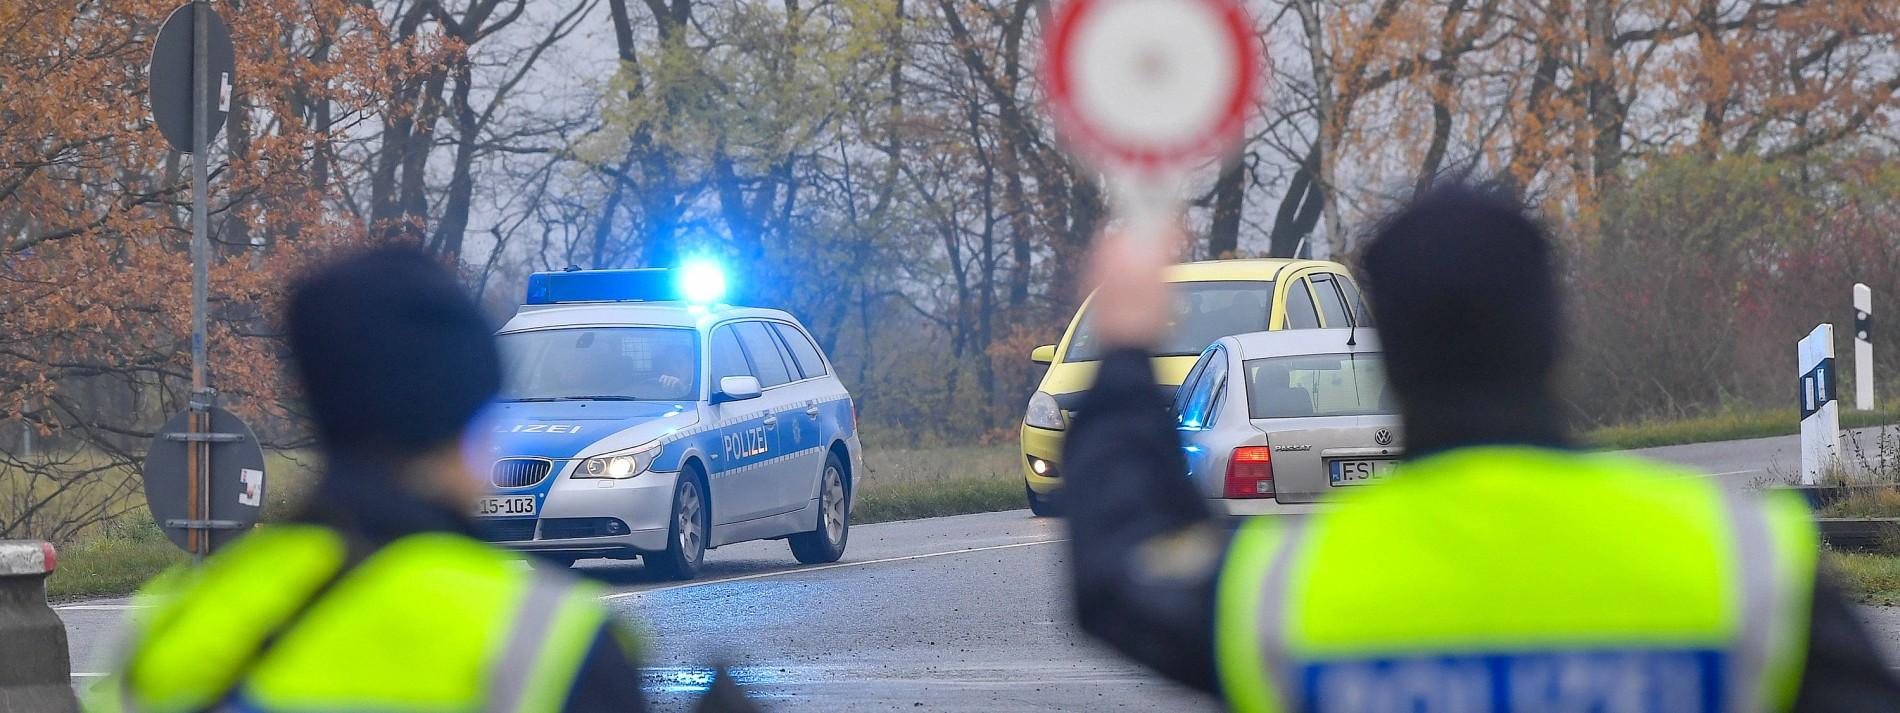 Polizei findet zufällig Waffen und Granaten  – Vier Festnahmen im Supermarkt